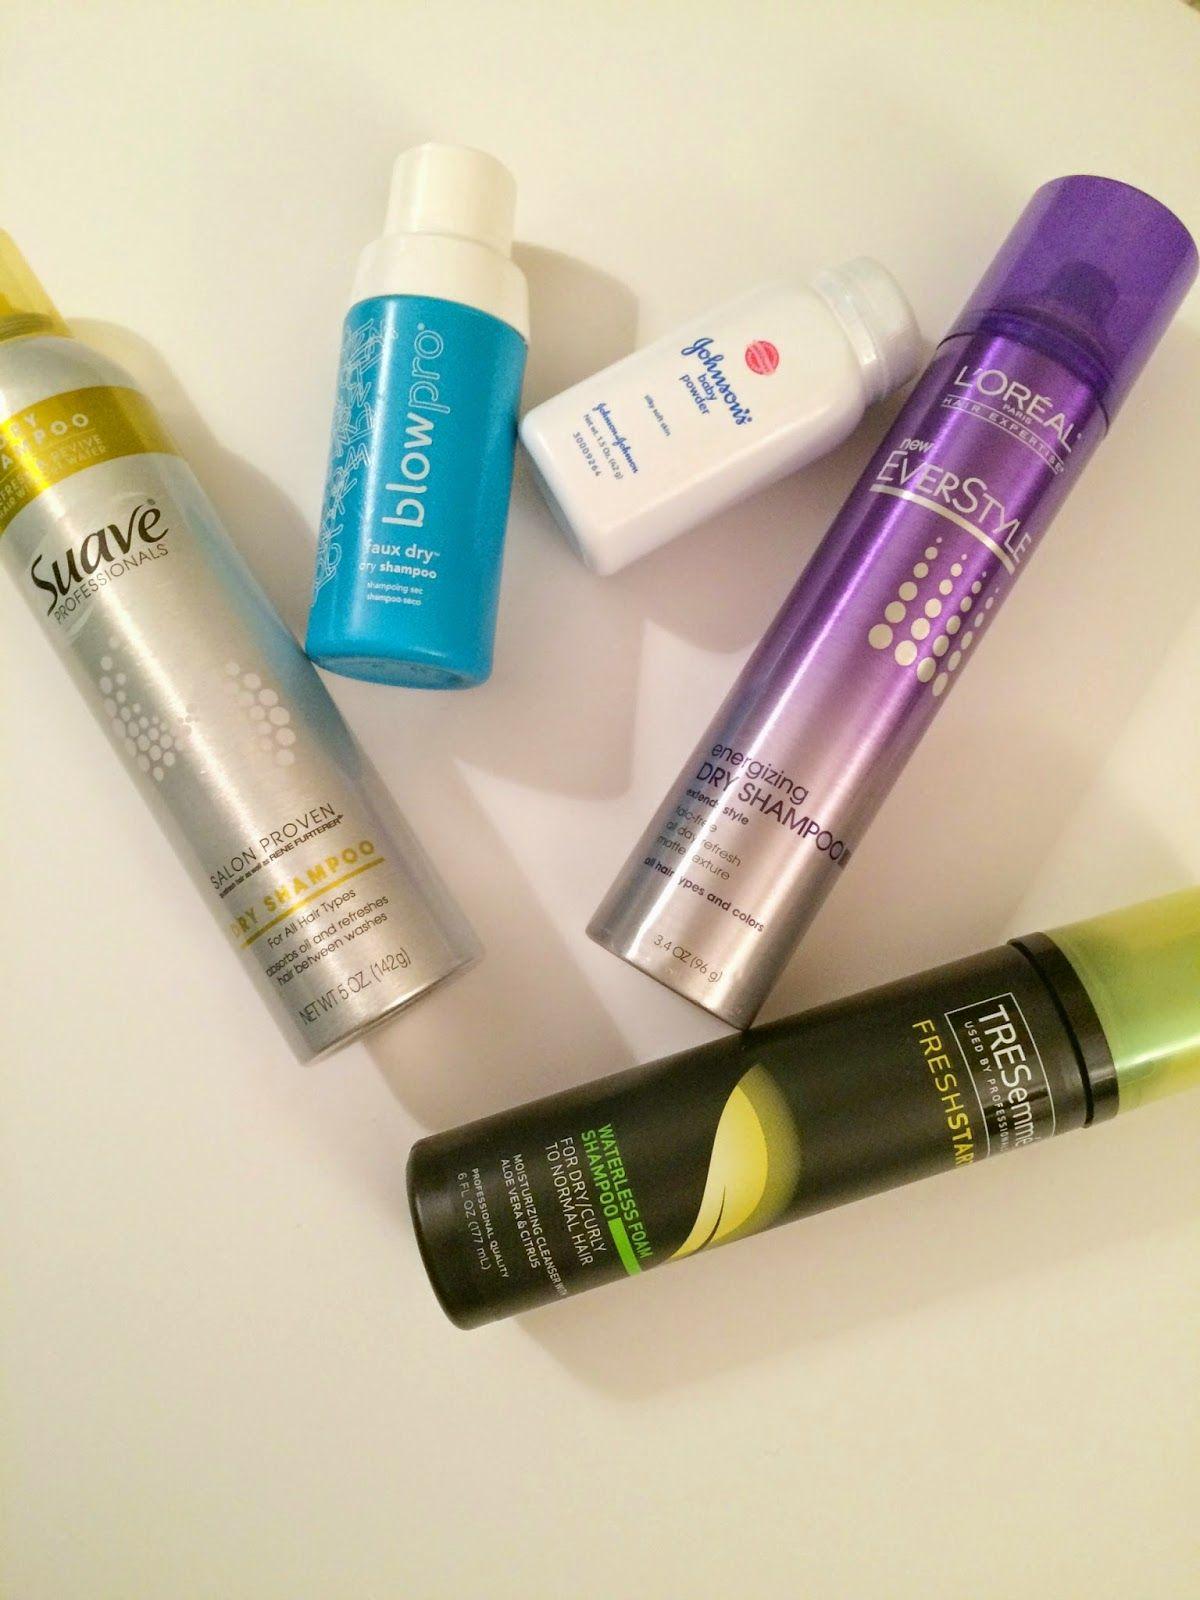 Style My Way Shampoo, Dry shampoo, Beauty